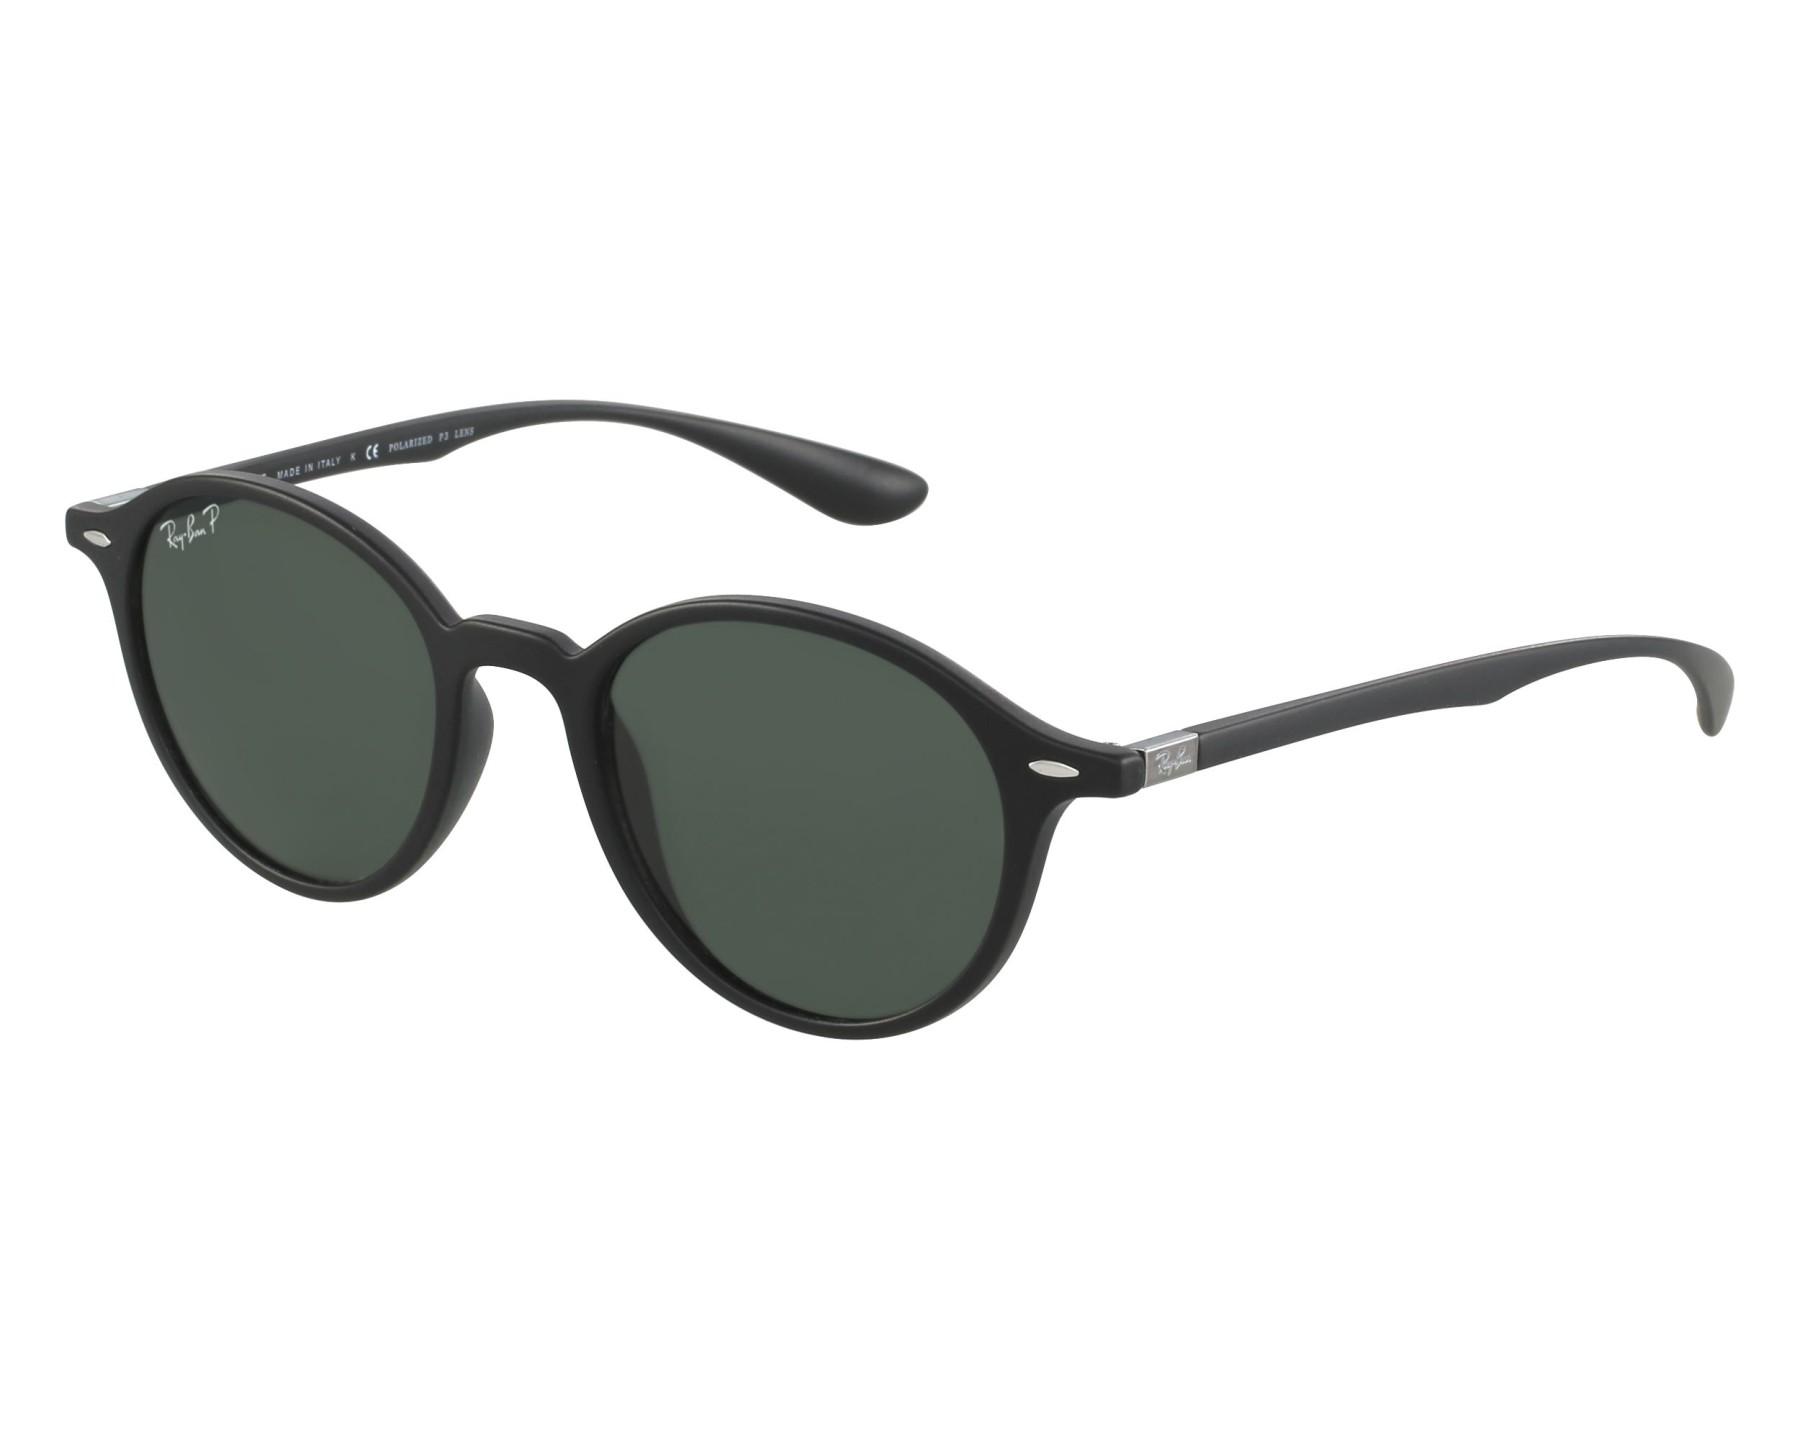 lunettes de soleil ray ban rb 4237 601s58 noir avec des verres gris. Black Bedroom Furniture Sets. Home Design Ideas